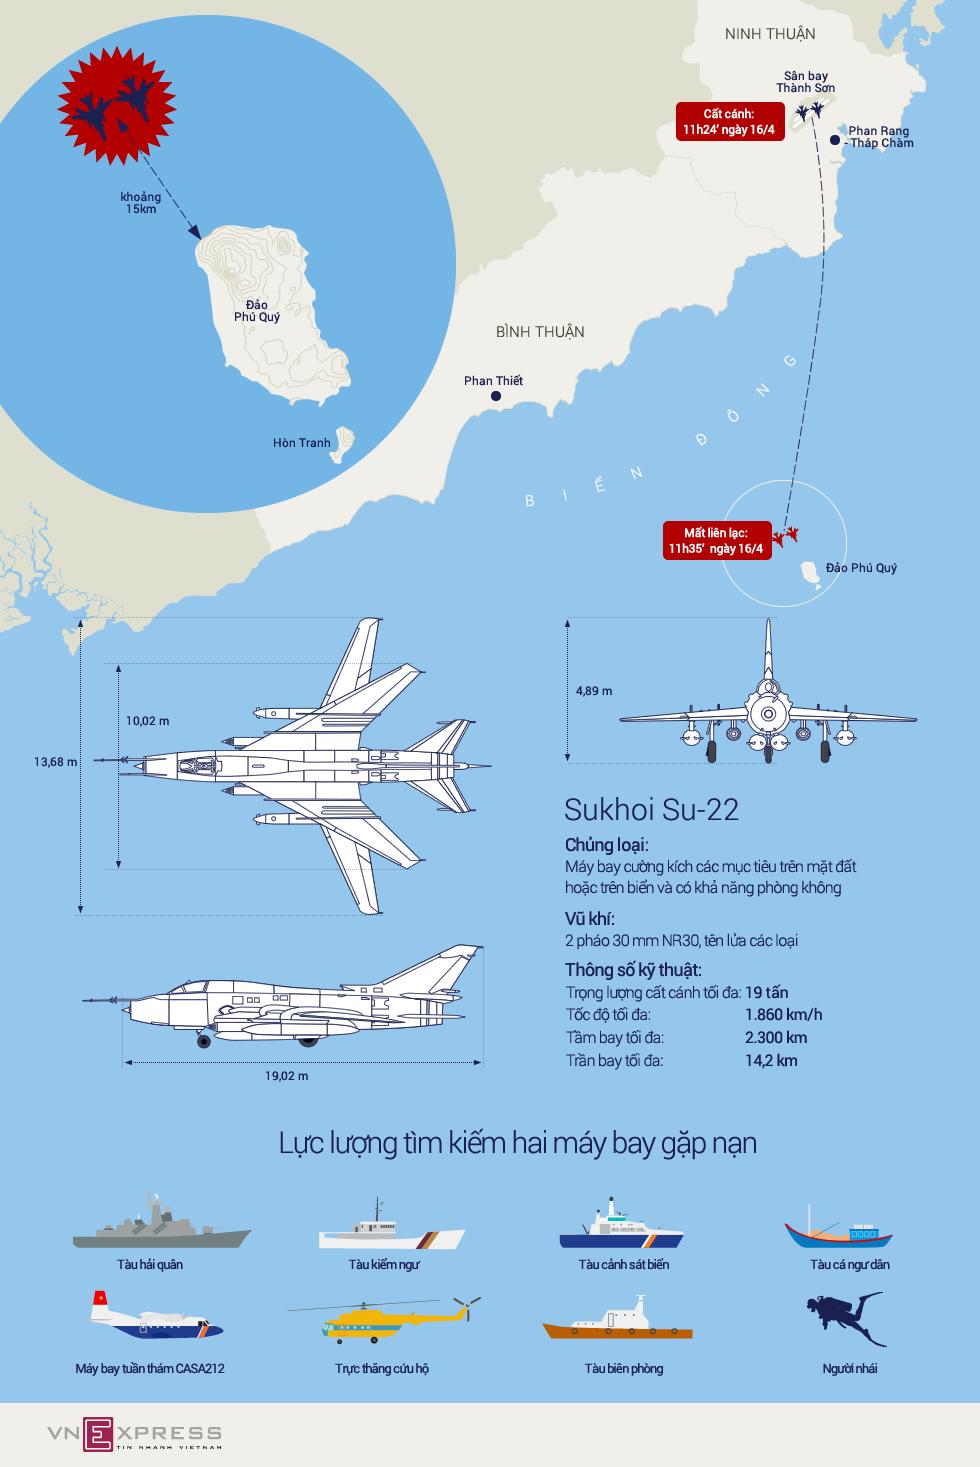 Hành trình lâm nạn của hai chiếc Su-22